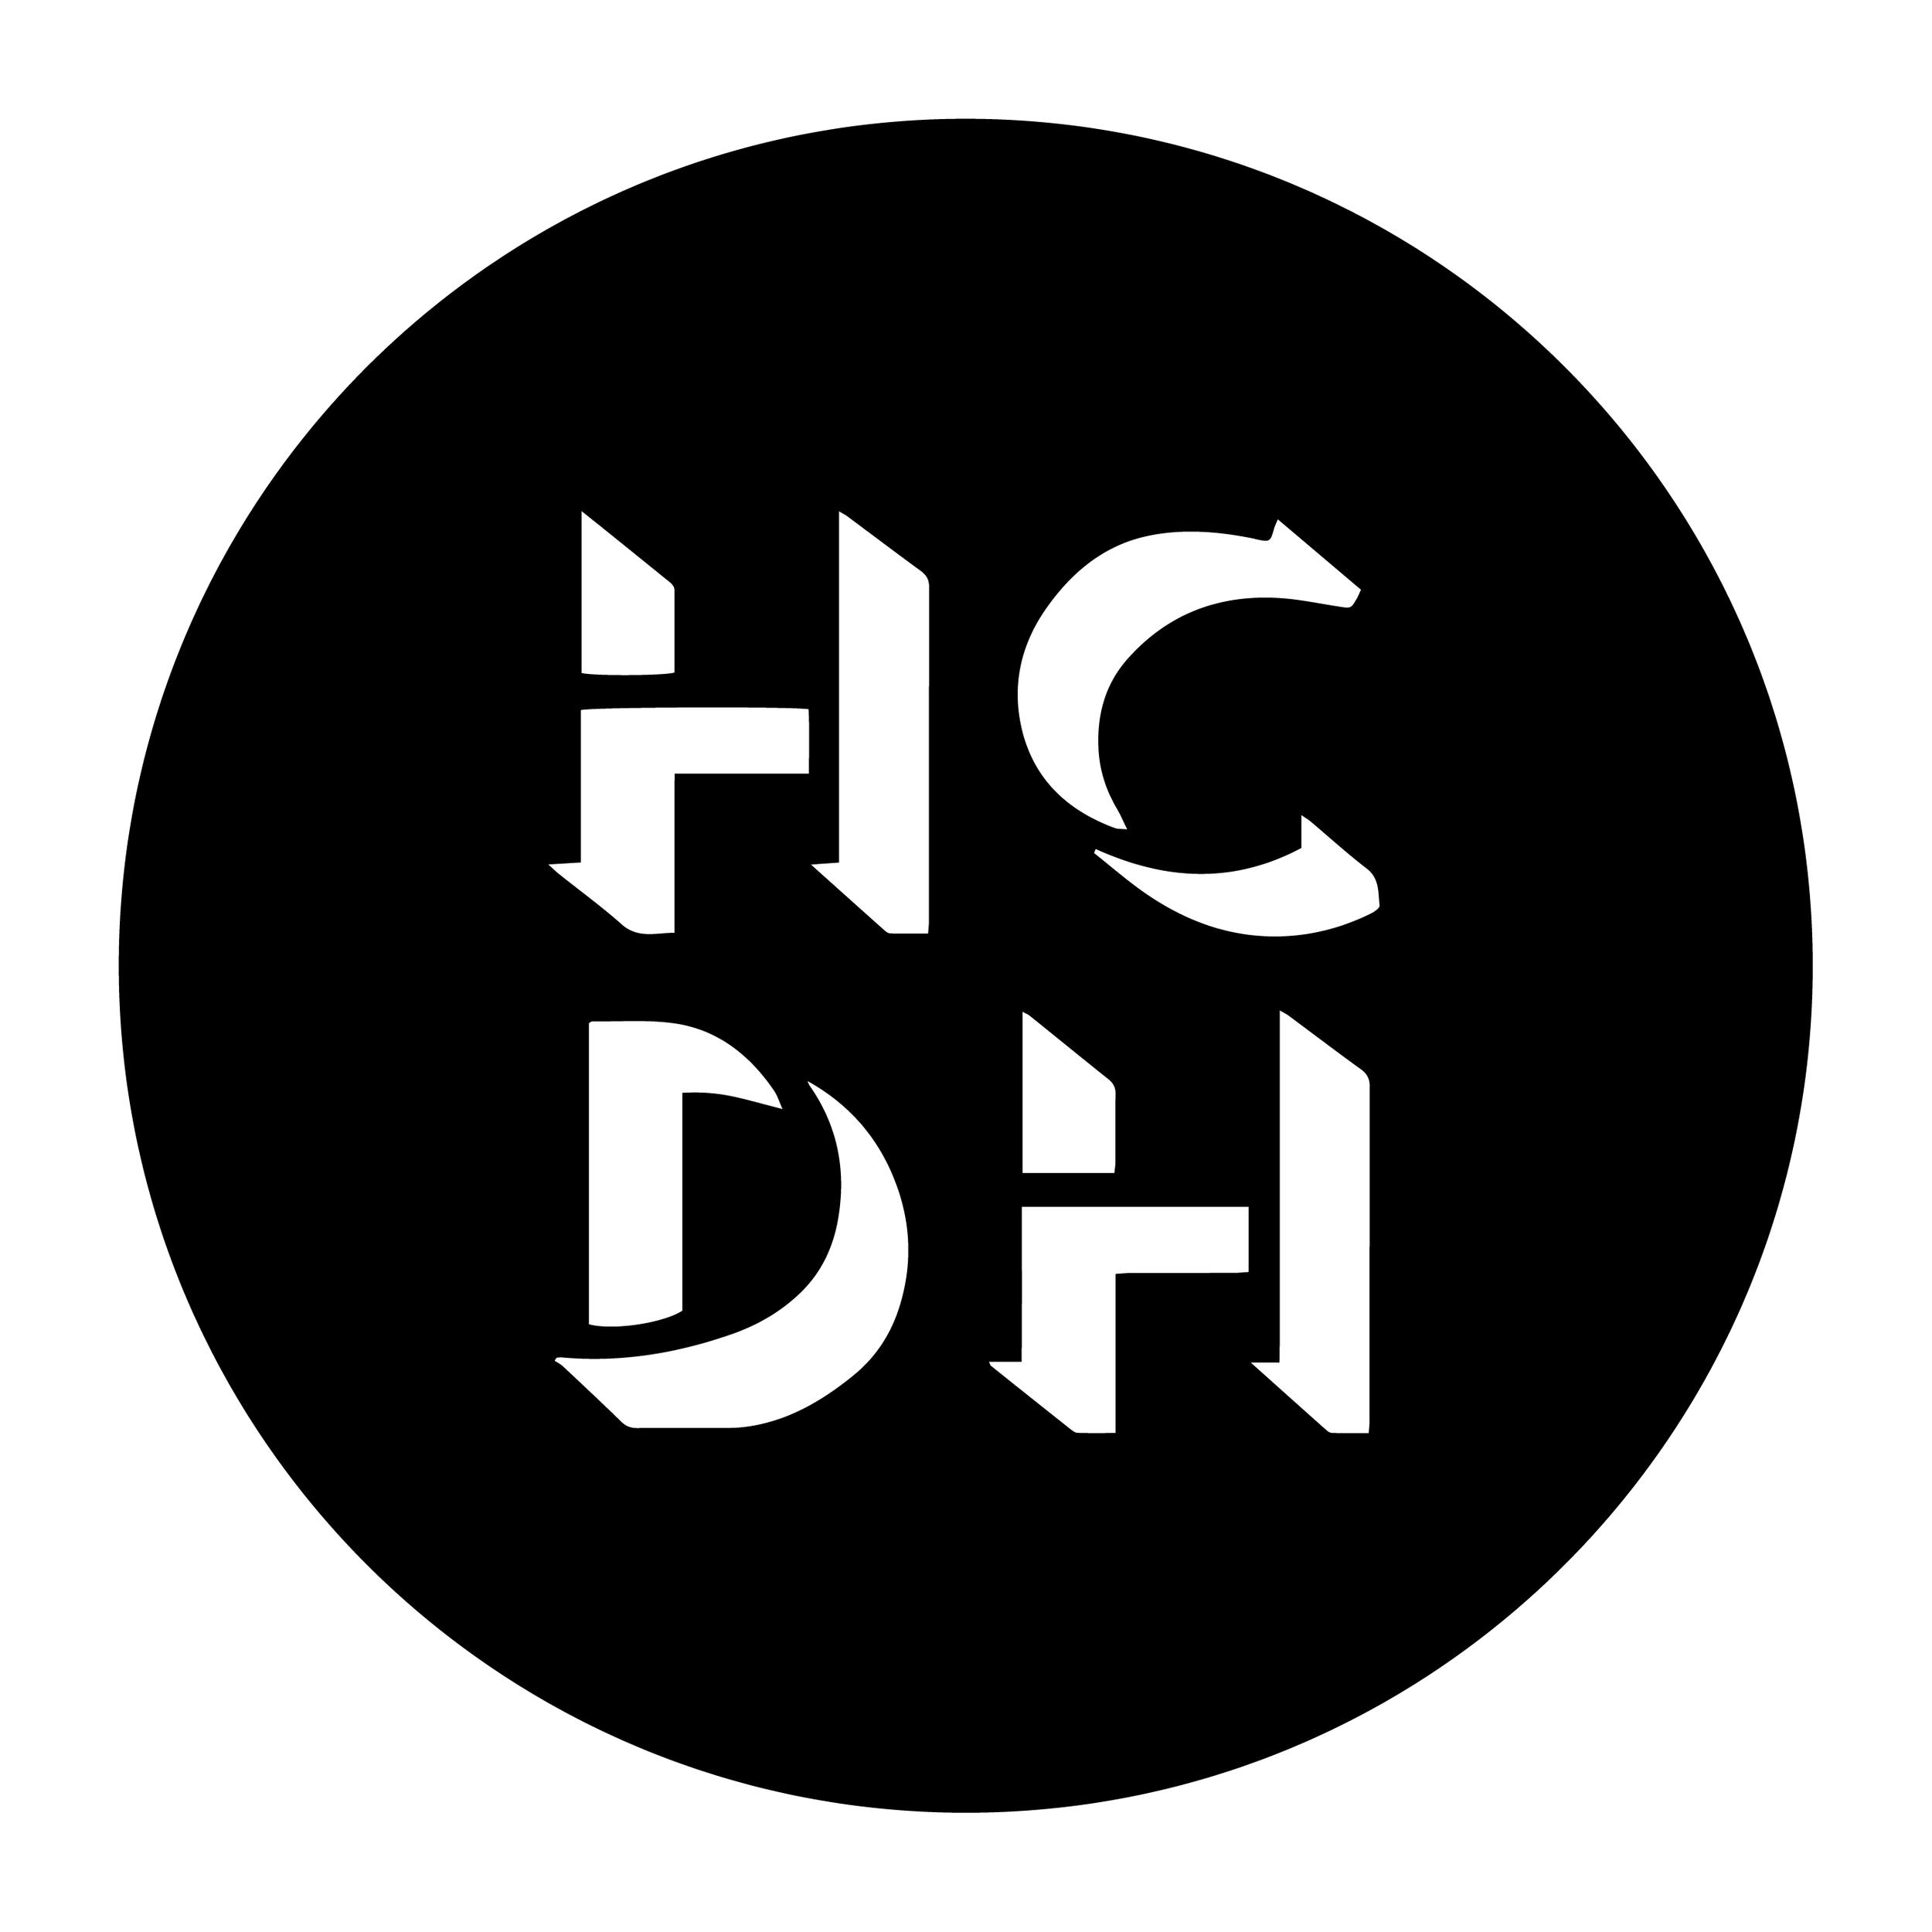 HCDH.png